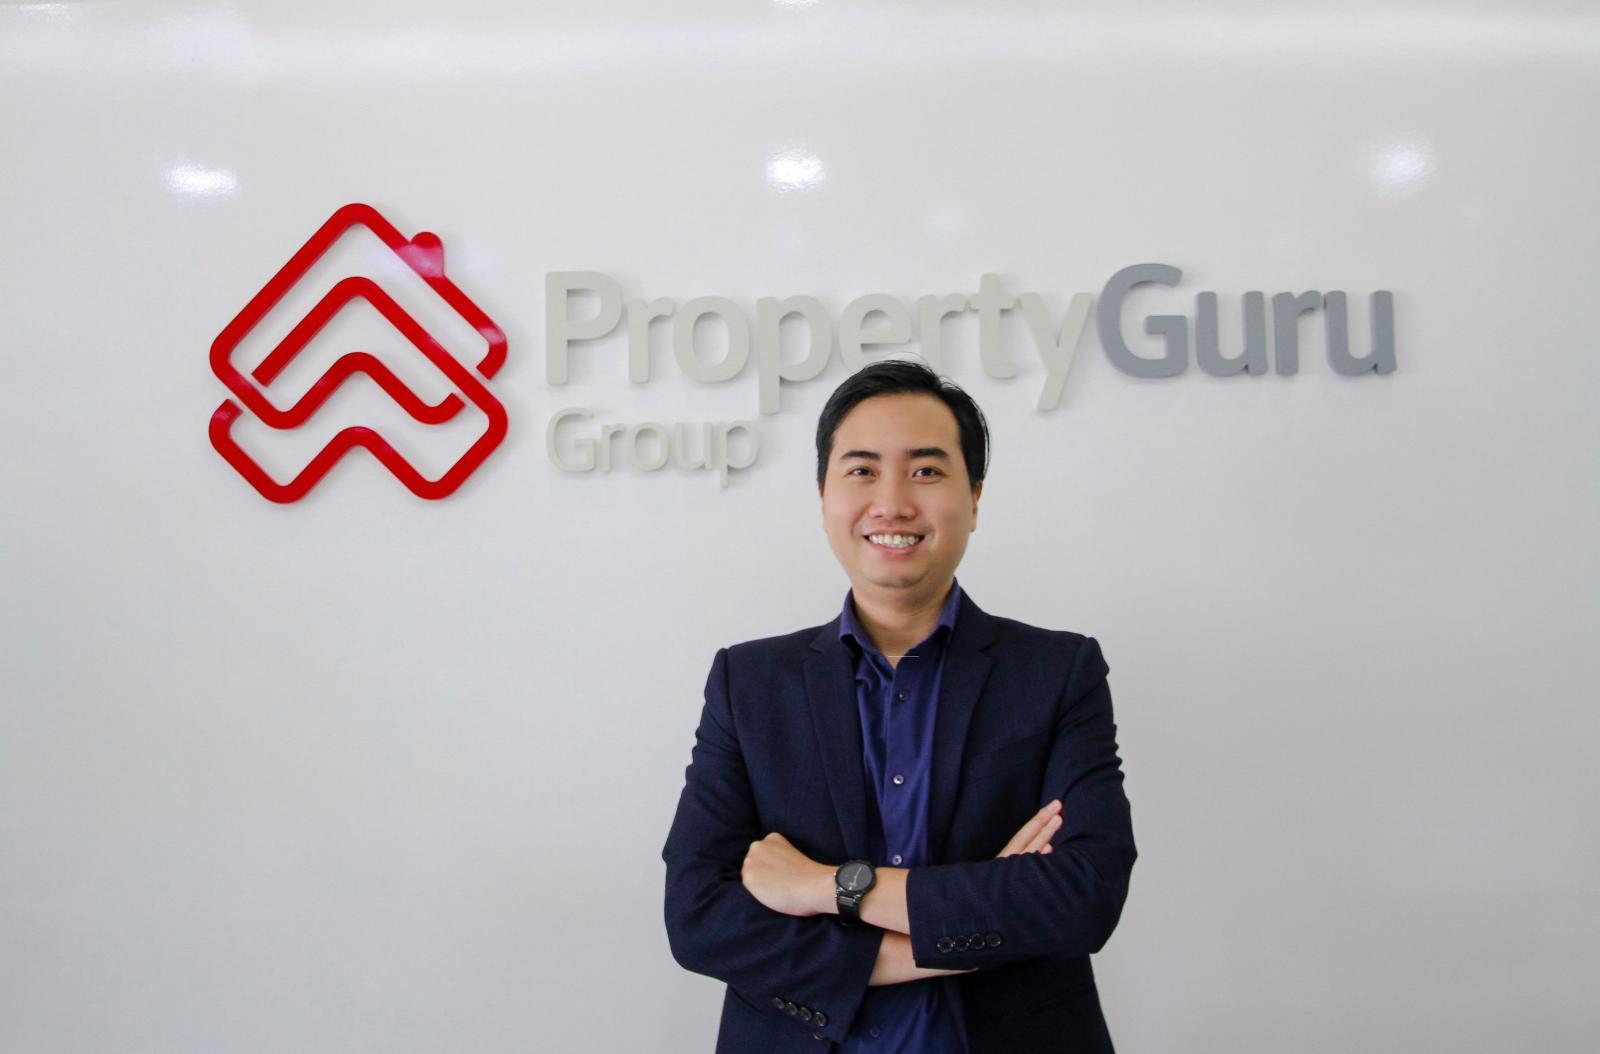 Ông Đinh Minh Tuấn, Giám đốc Batdongsan.com.vn khu vực phía Nam